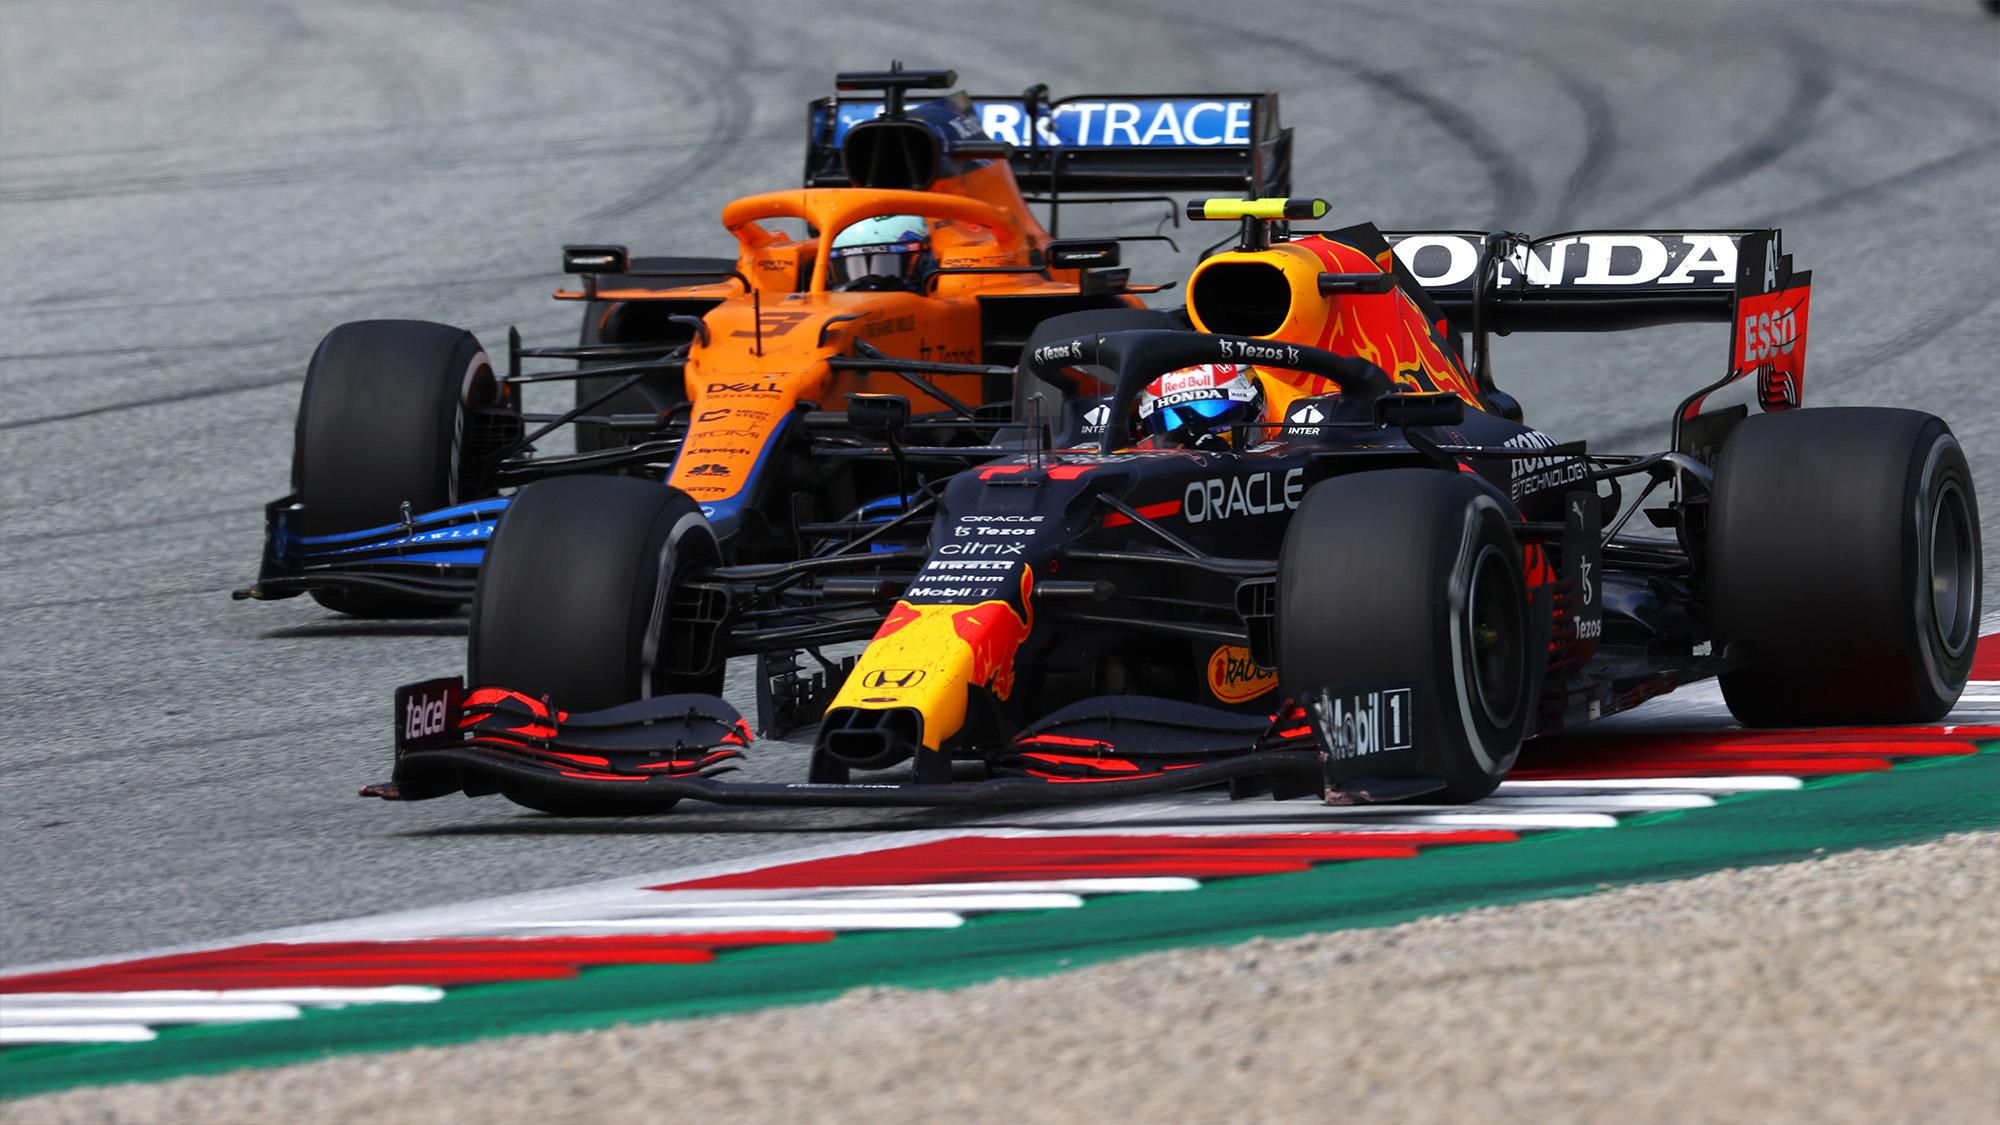 Sergio Perez and Daniel Ricciardo at the 2021 Austrian Grand Prix